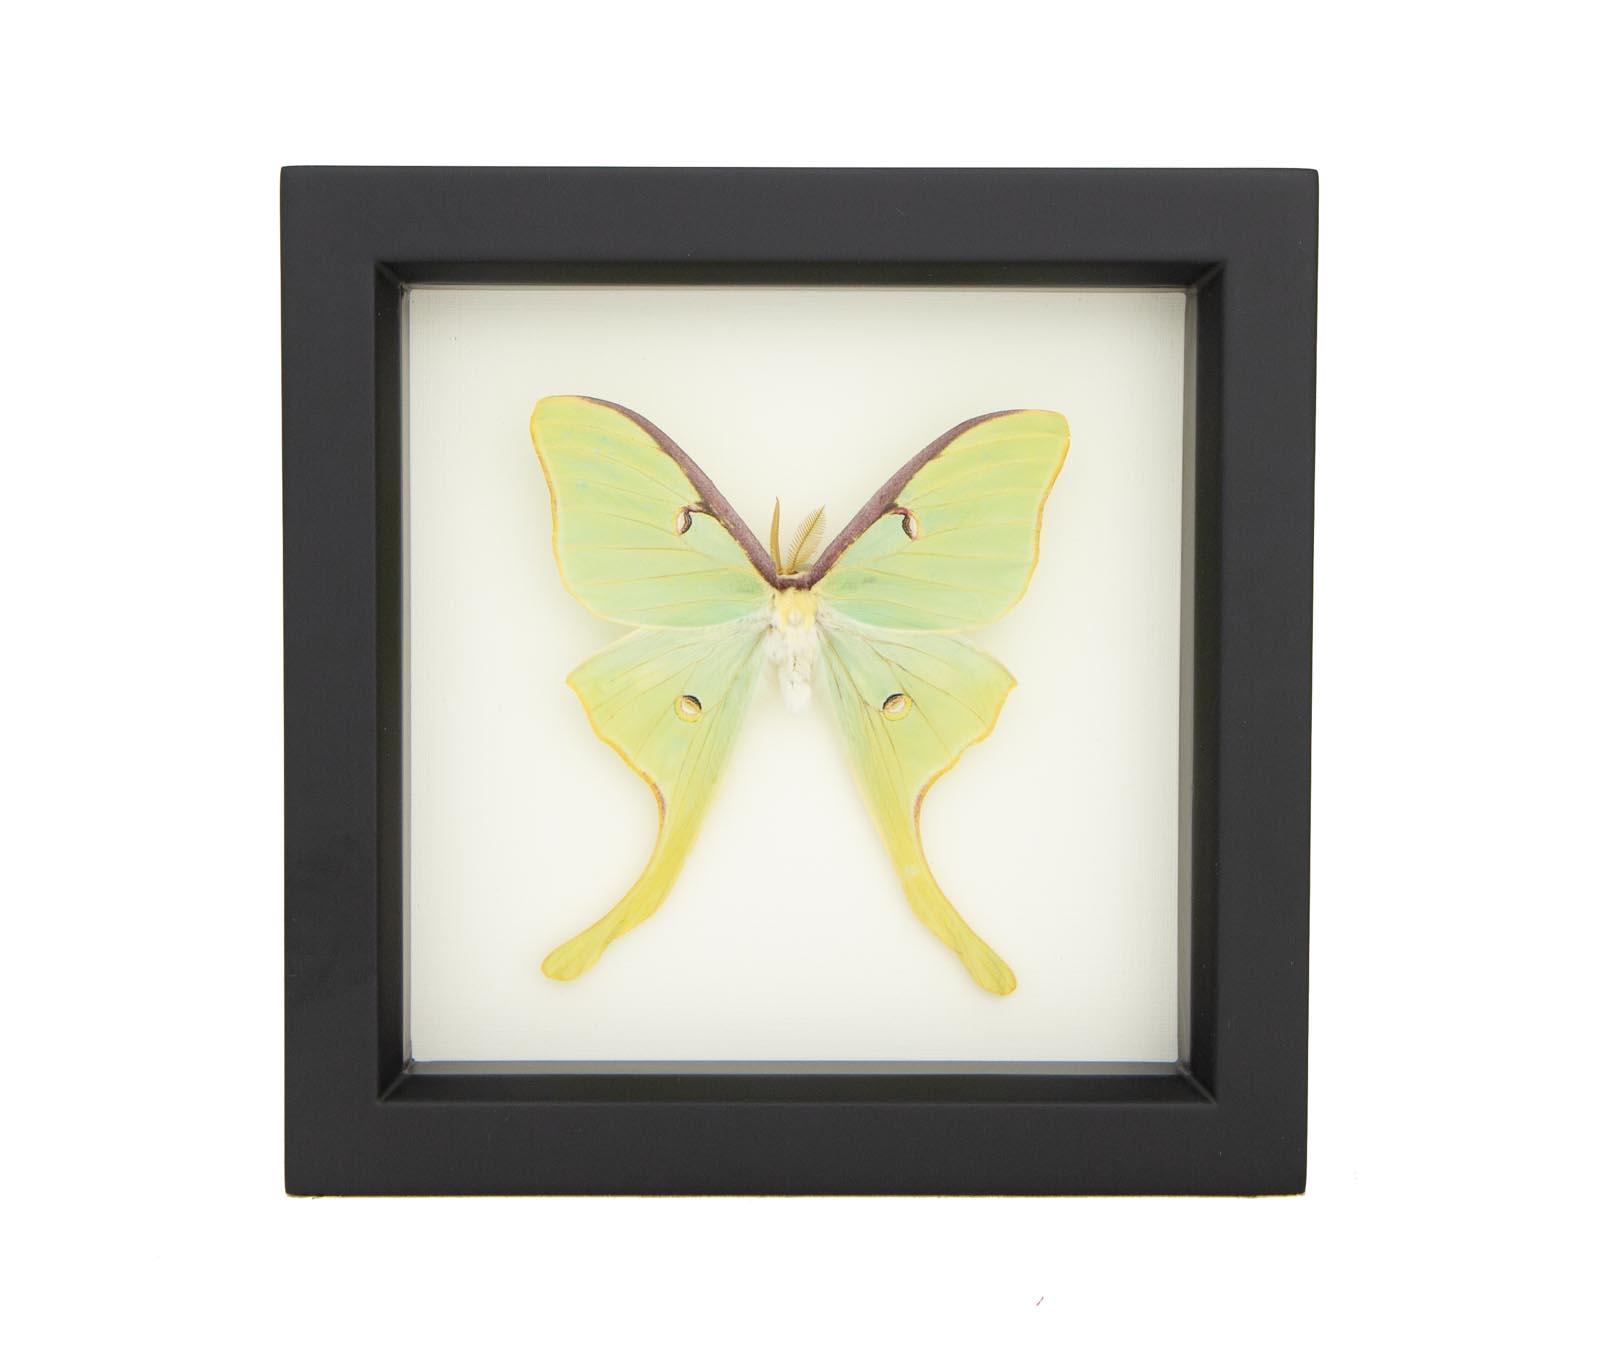 framed luna moth display